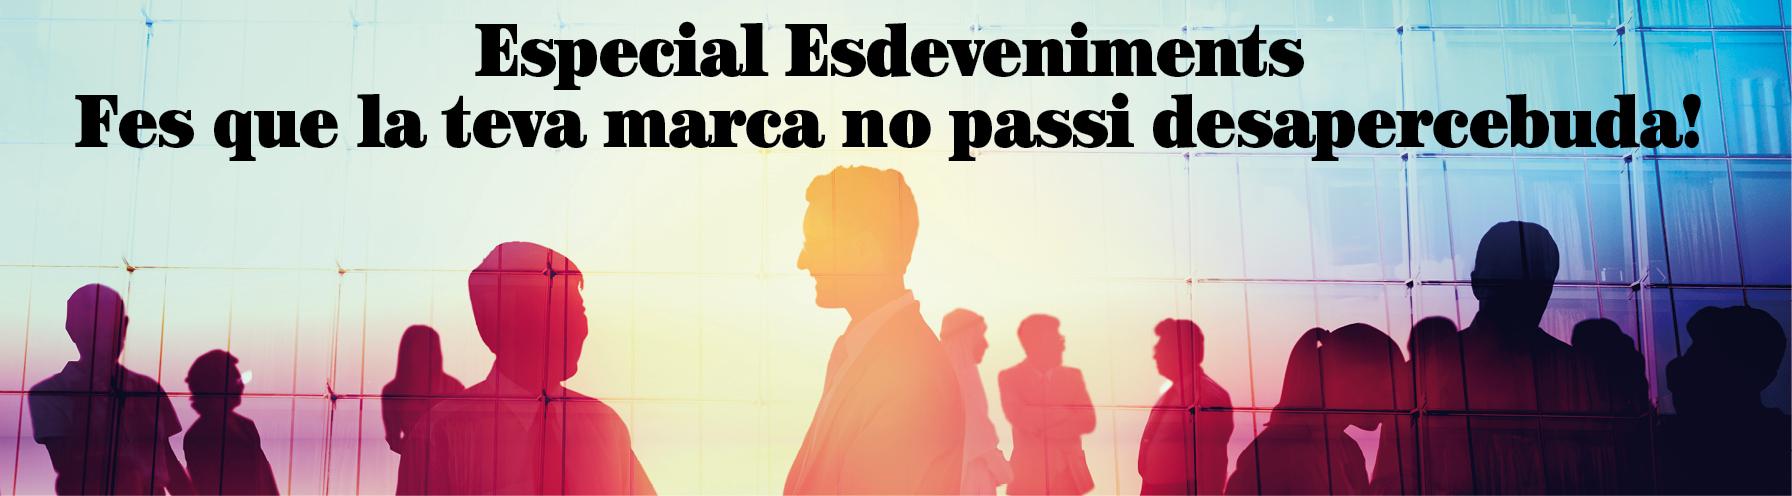 Especial esdeveniments